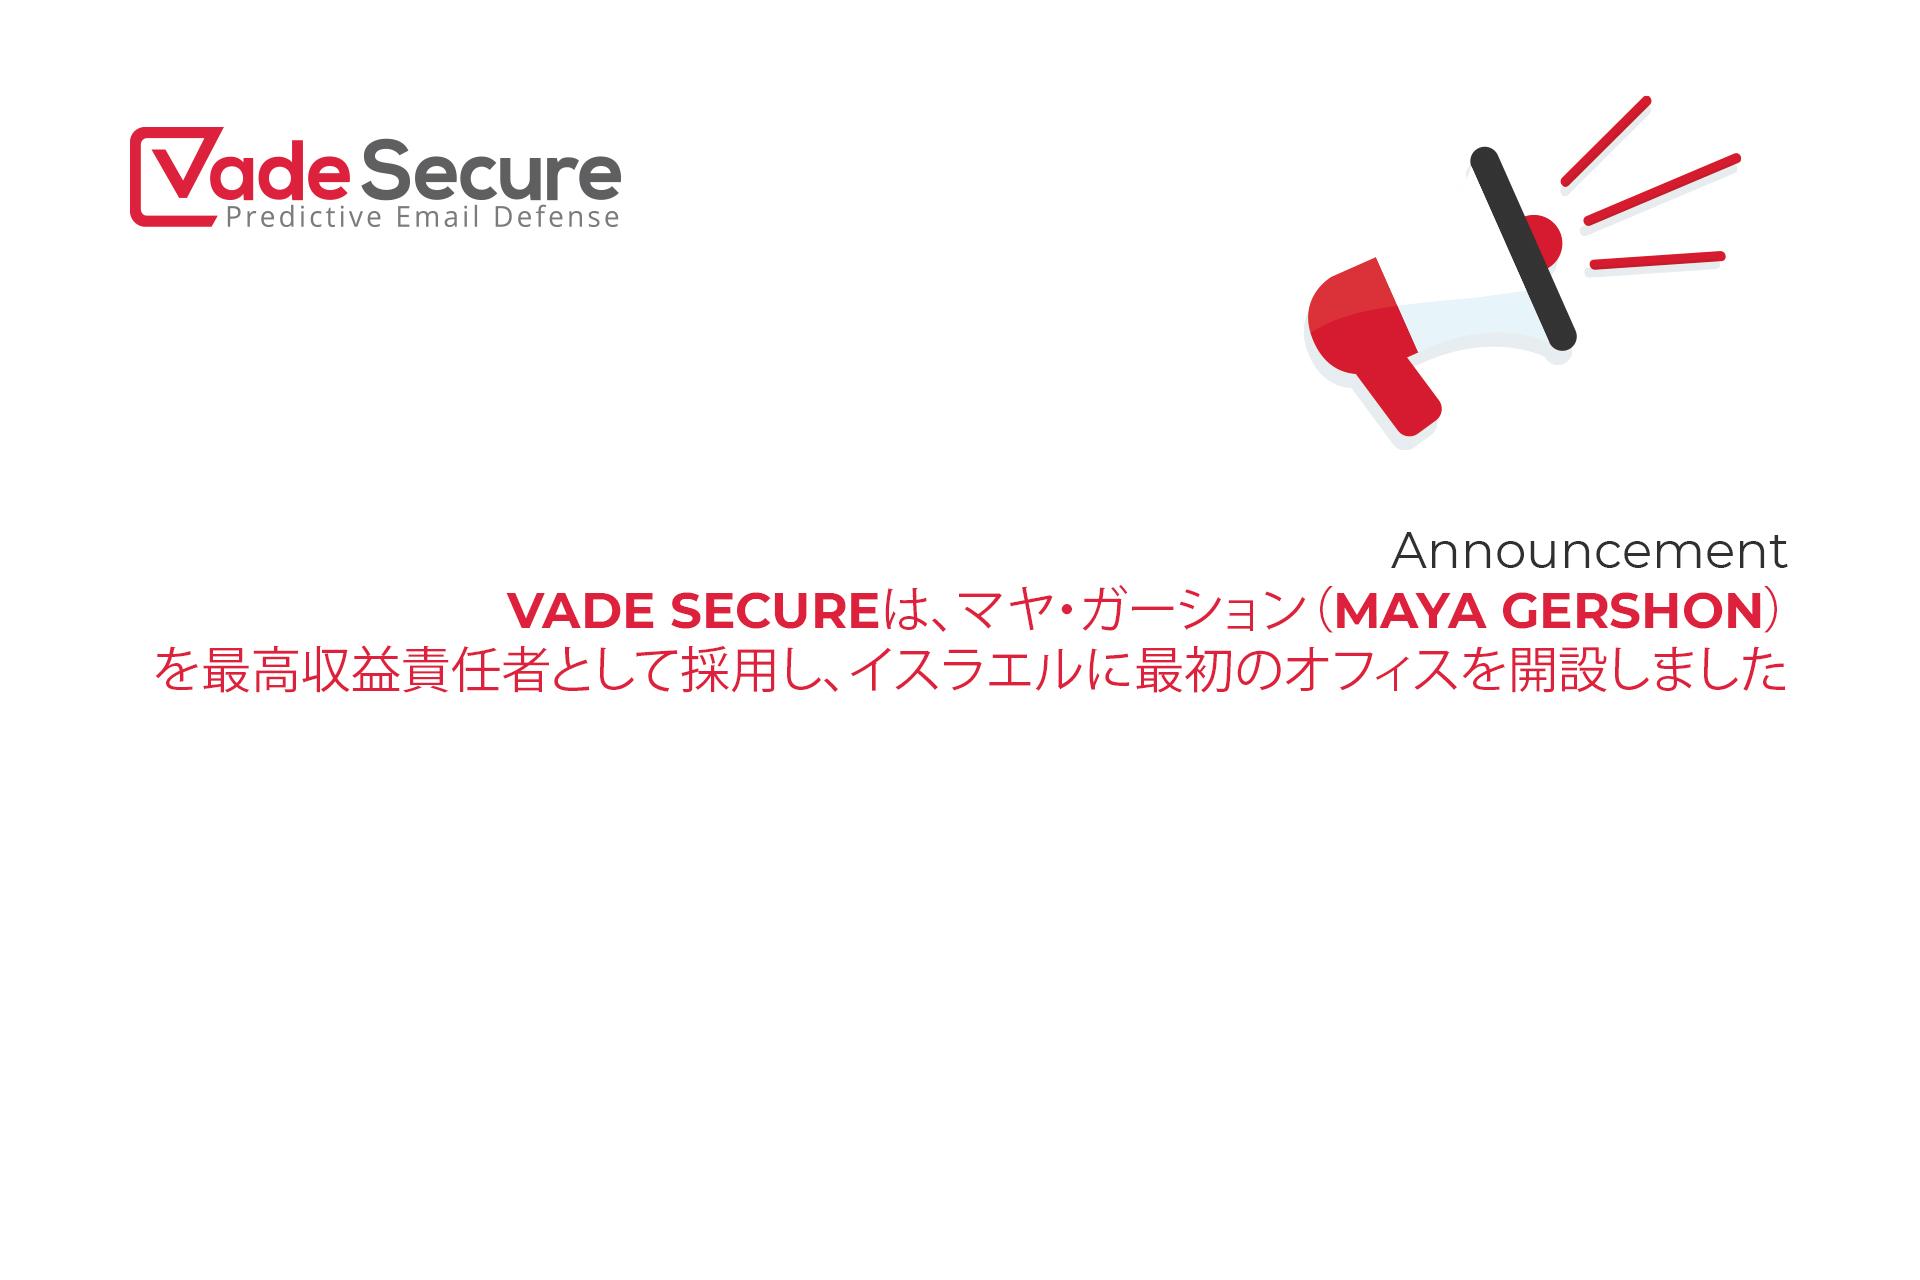 Vade Secureは、マヤ・ガーション(Maya Gershon)を最高収益責任者として採用し、イスラエルに最初のオフィスを開設しました